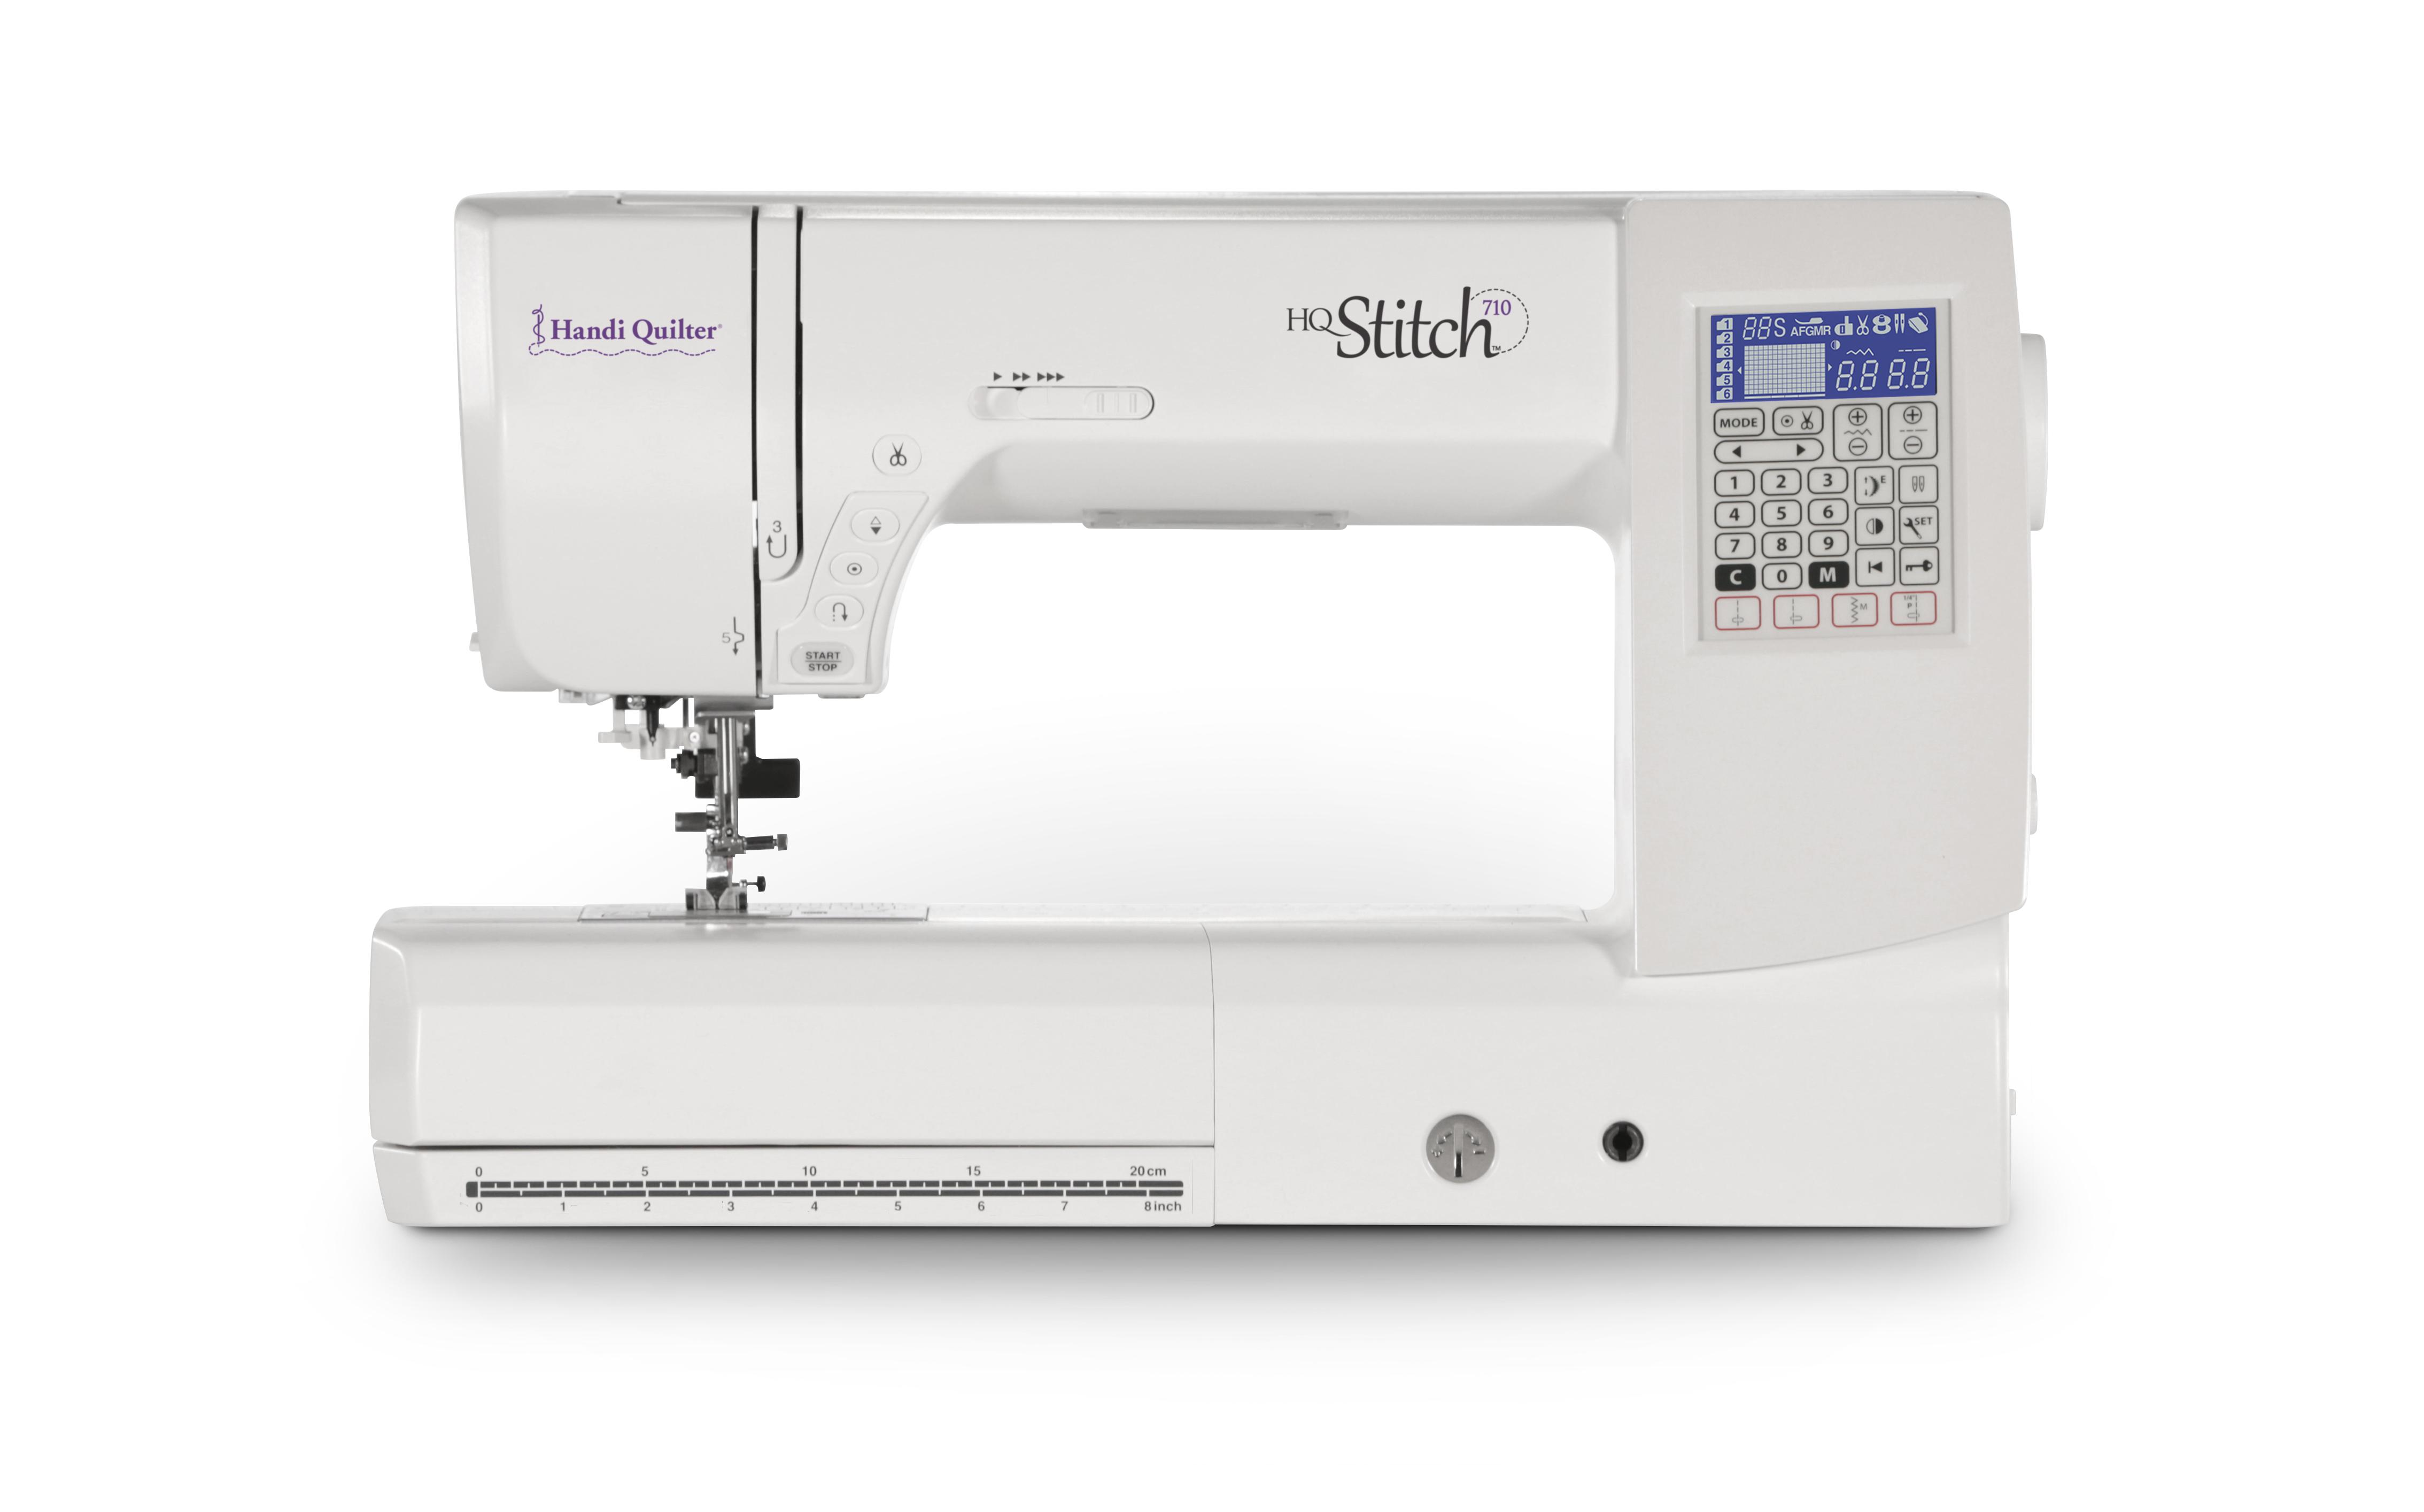 HQ Stitch 710